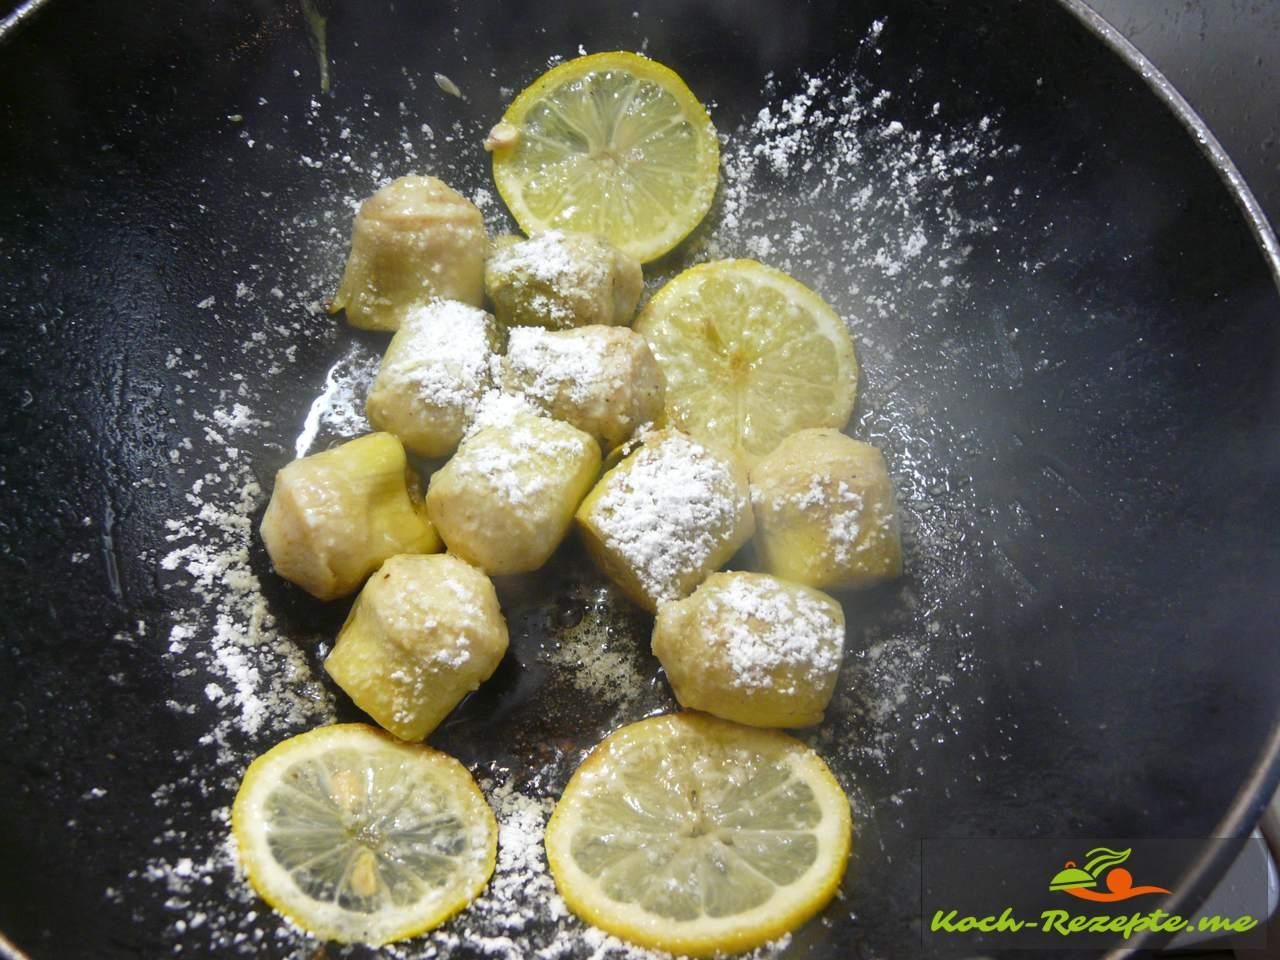 Artischockenherzen mit Puderzucker karamellisiert